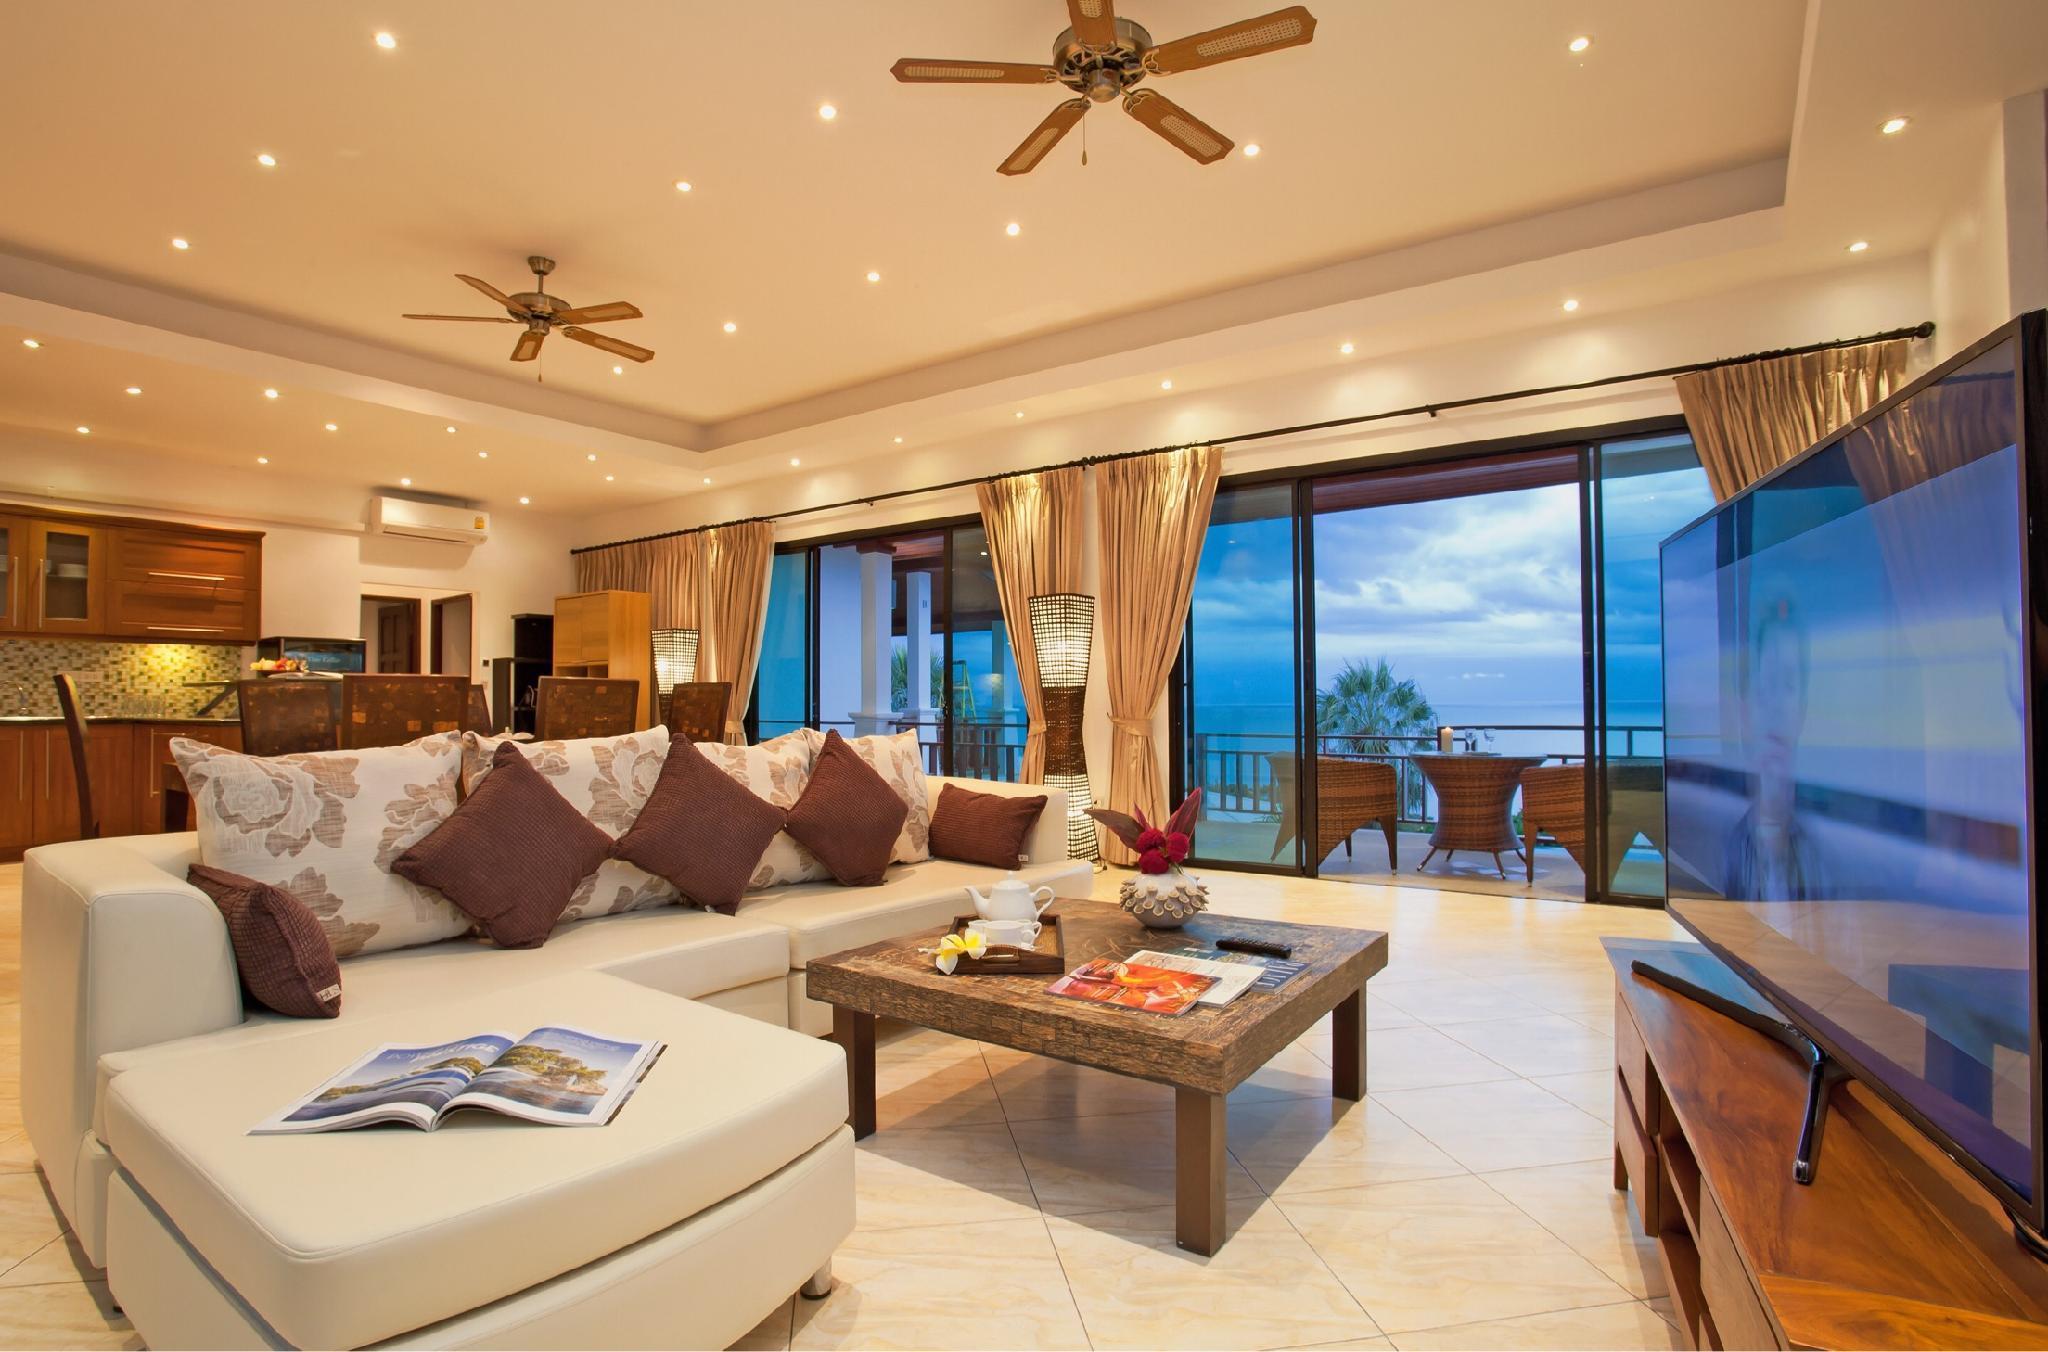 Sea view villa / Sunrise villa Sea view villa / Sunrise villa